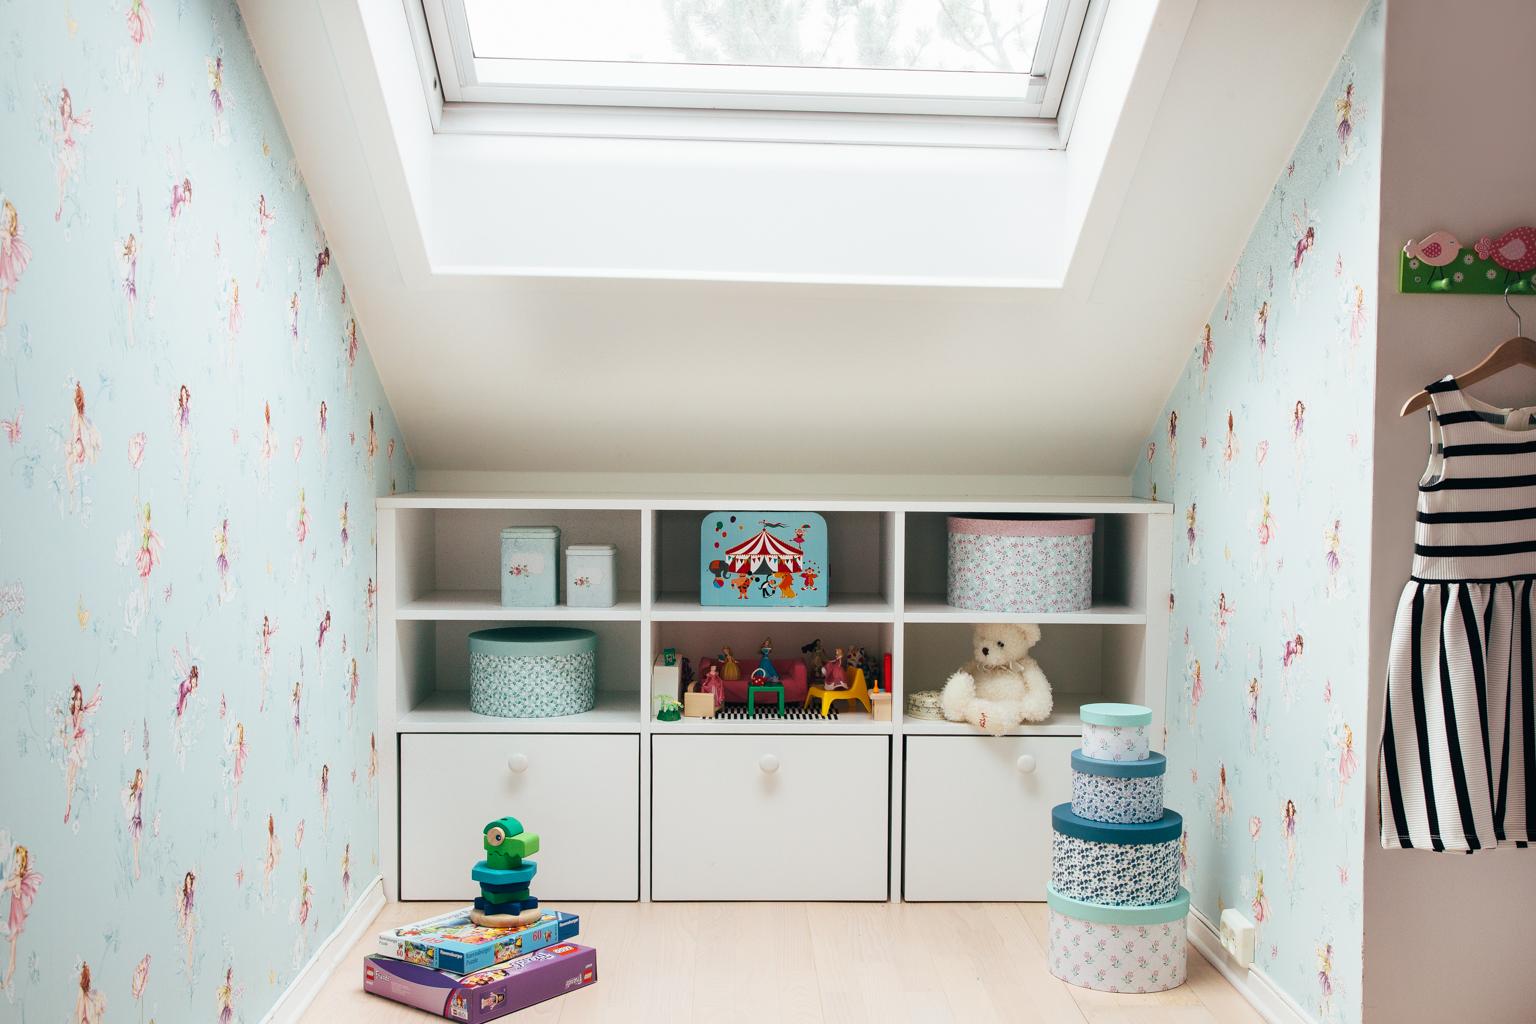 Hyllene på barnerommene er tilpasset skråtaket. Skuffene kan dras ut og fungerer som oppbevaringsbokser.